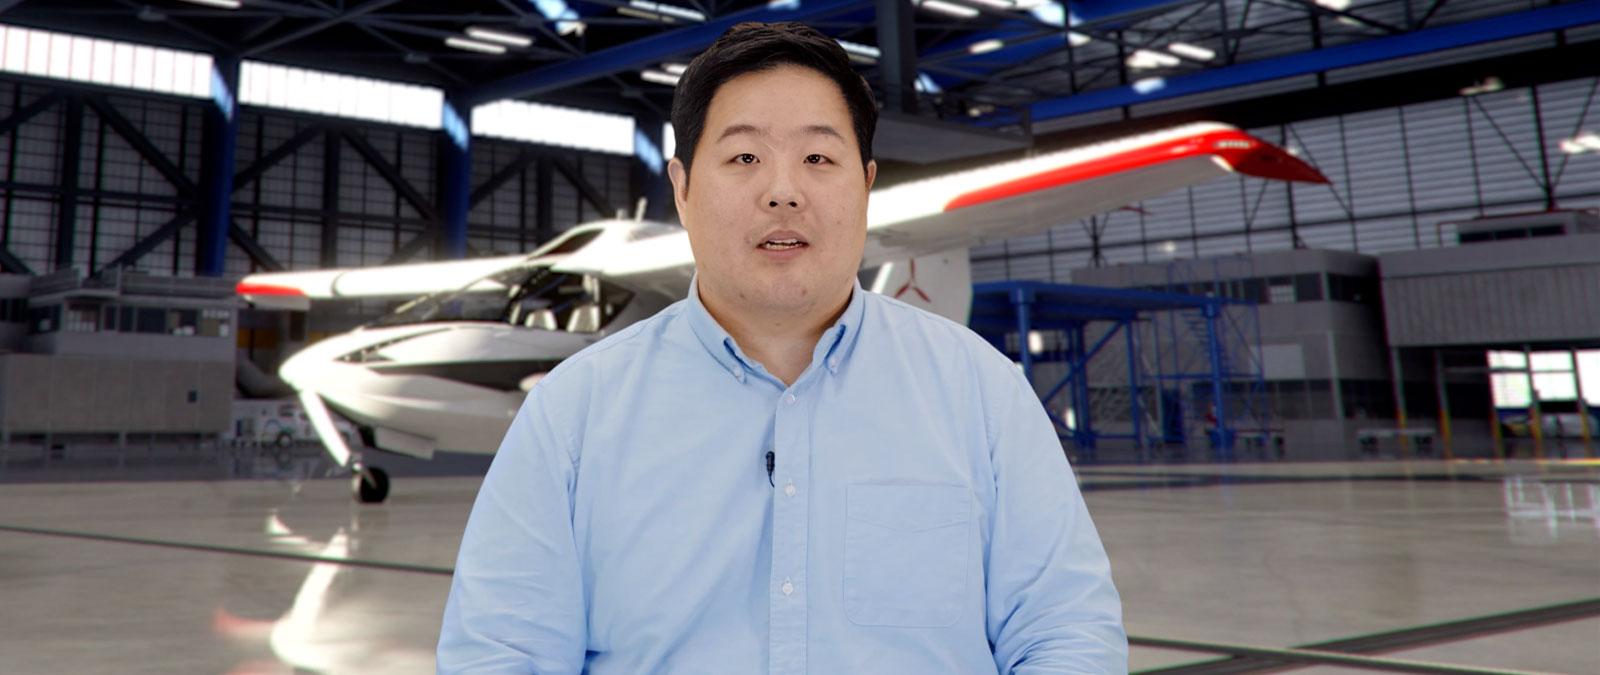 DEEKAY talking in front of a plane